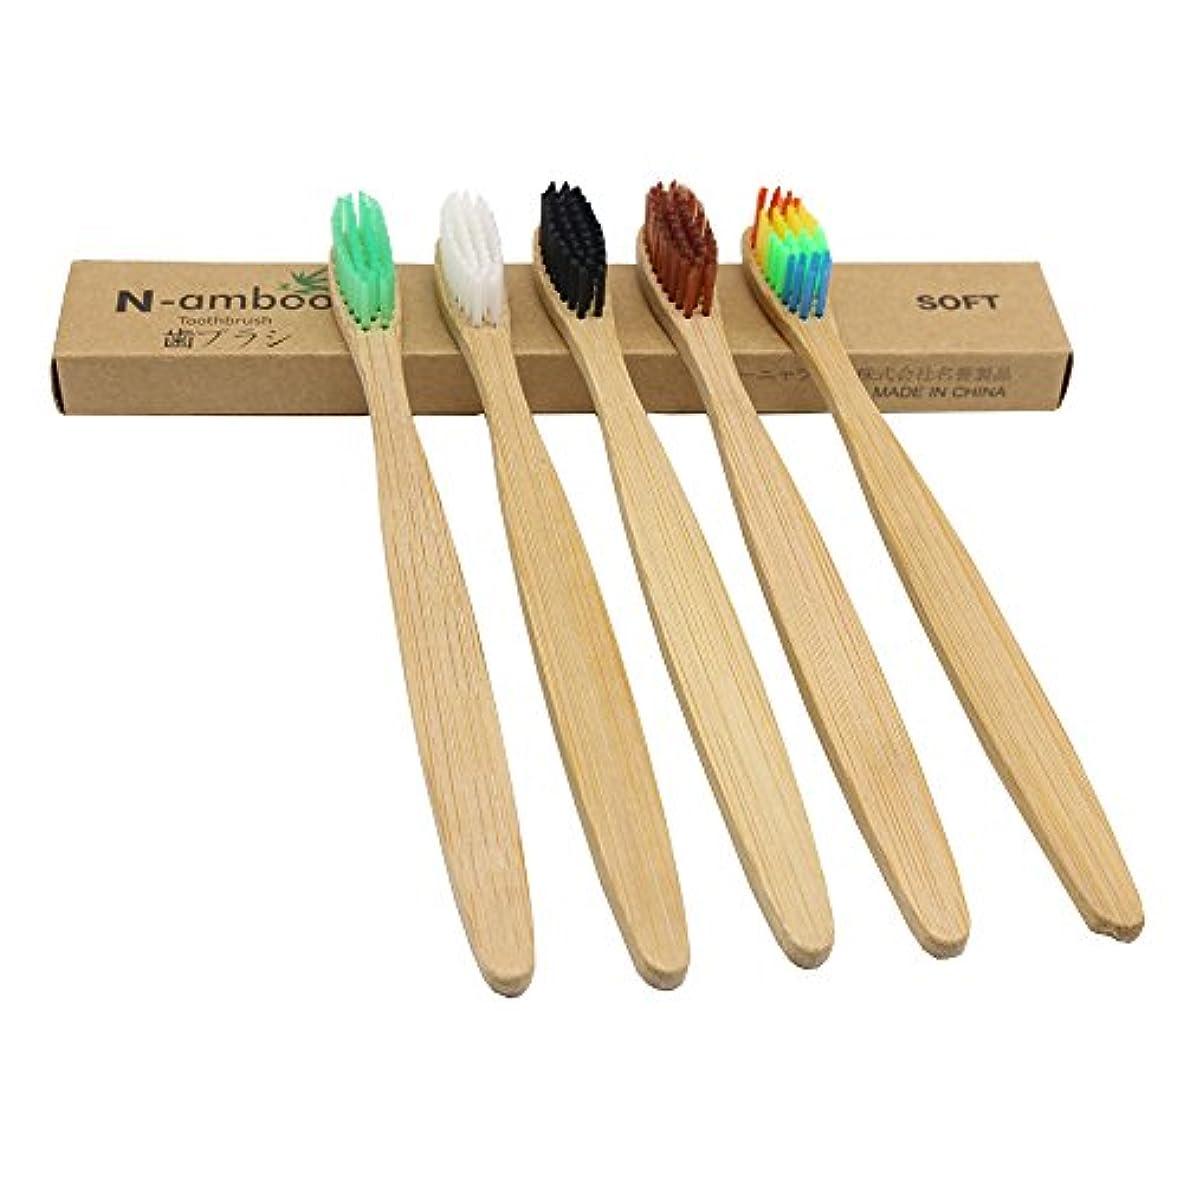 海嶺帳面泳ぐN-amboo 竹製 歯ブラシ 高耐久性 5種類 セット エコ 軽量 5本入り